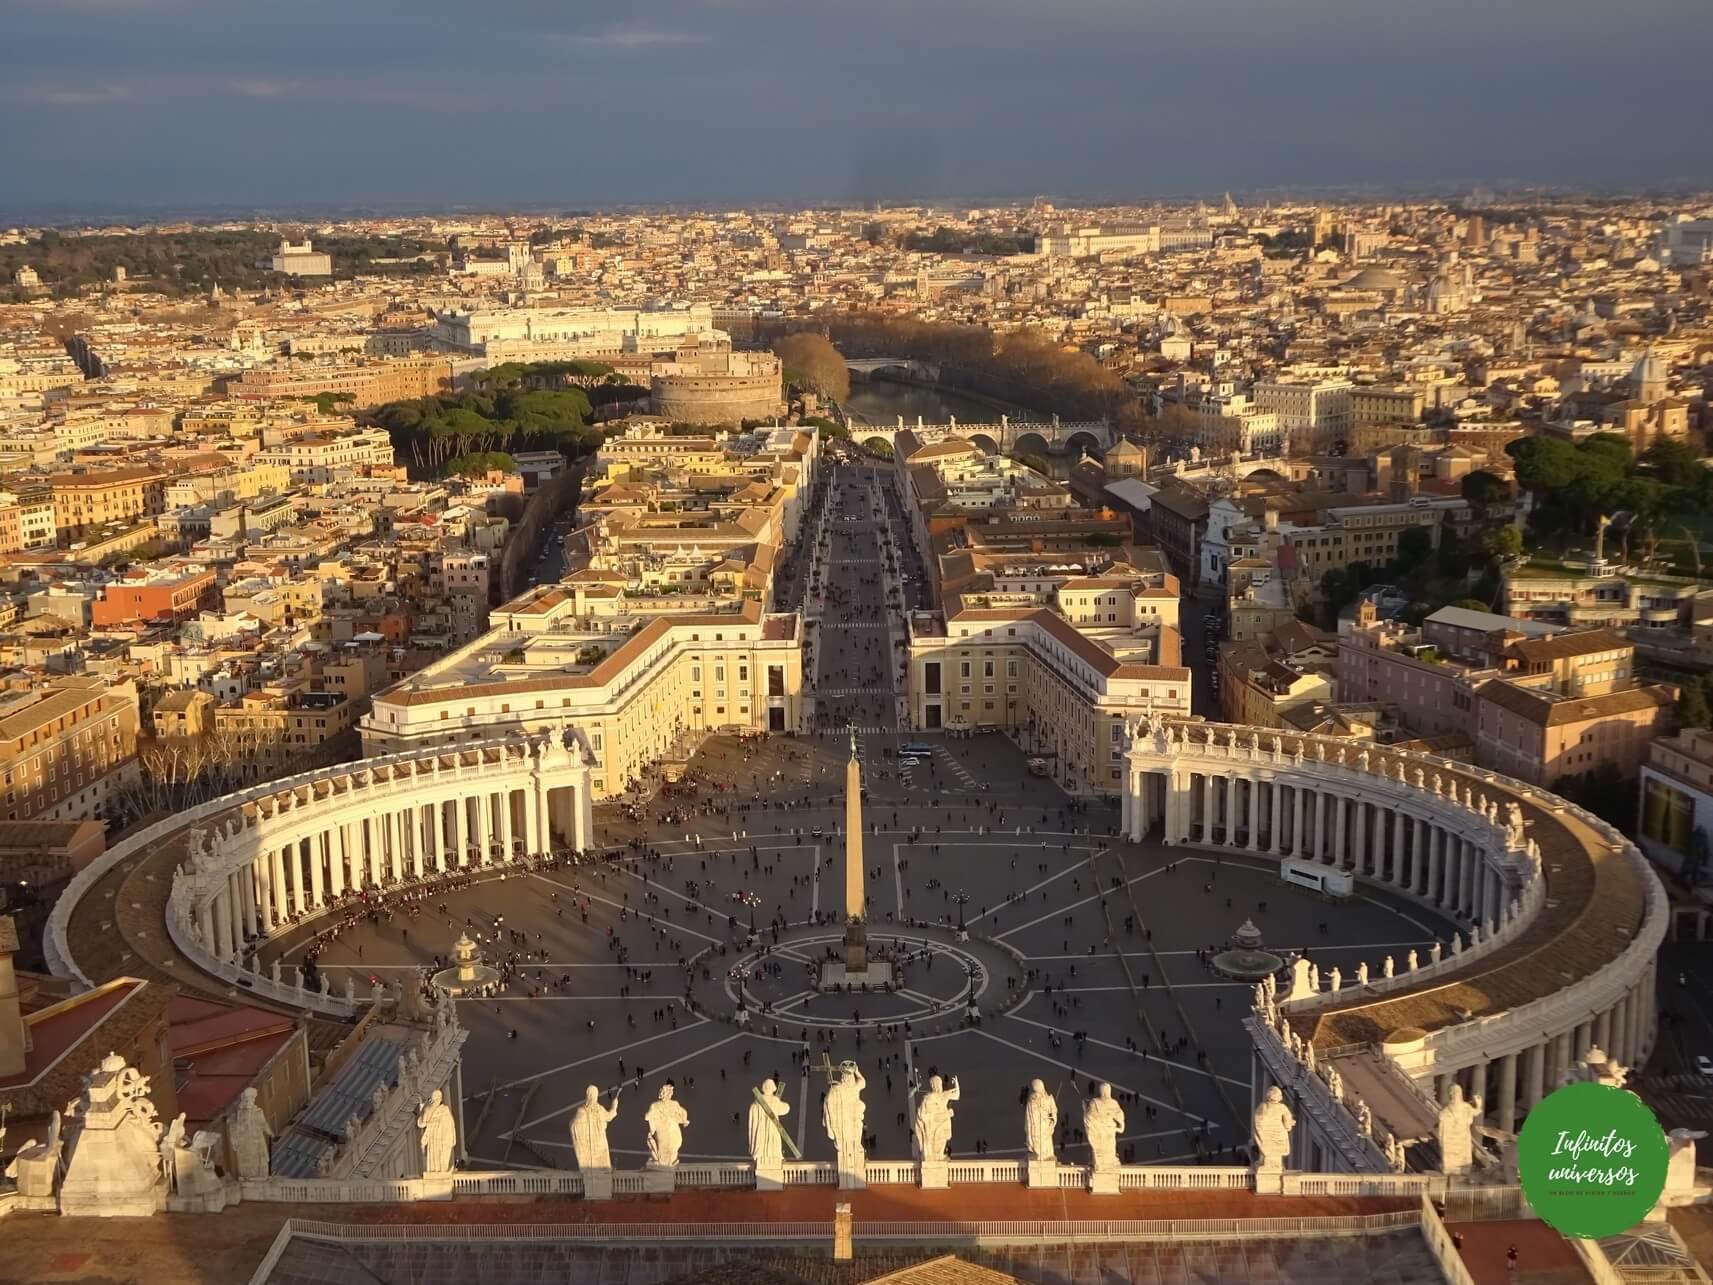 Plaza de San Pedro desde la cúpula - Qué ver en el Vaticano